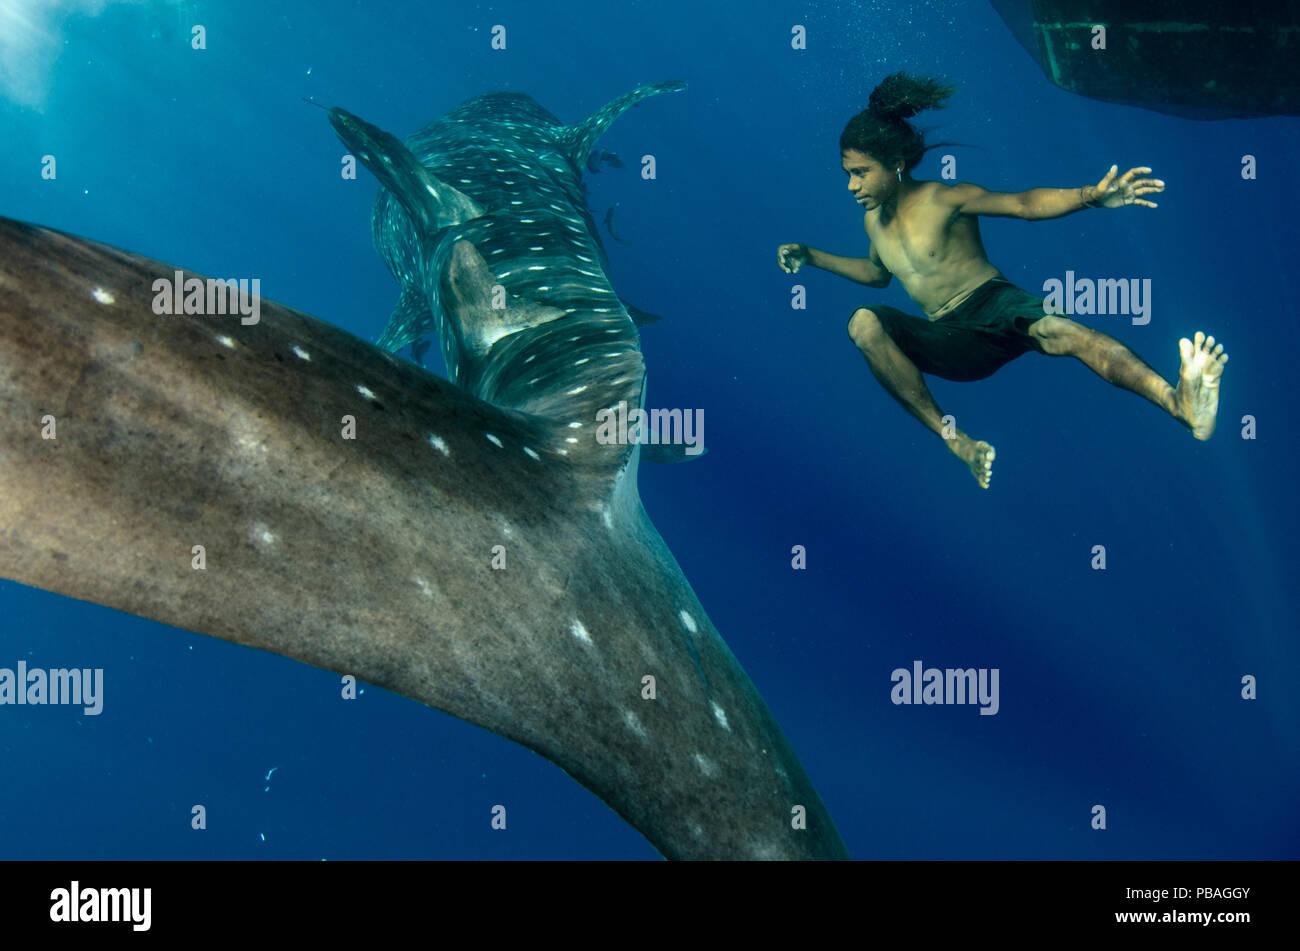 Tiburón ballena (Rhincodon typus) y pescadores locales, la bahía de Cenderawasih apneístas, Papua Occidental, Indonesia. Ganador del premio de la cartera de la naturaleza y el hombre en la Terre Sauvage Imágenes de naturaleza premios de competición de 2015. Imagen De Stock